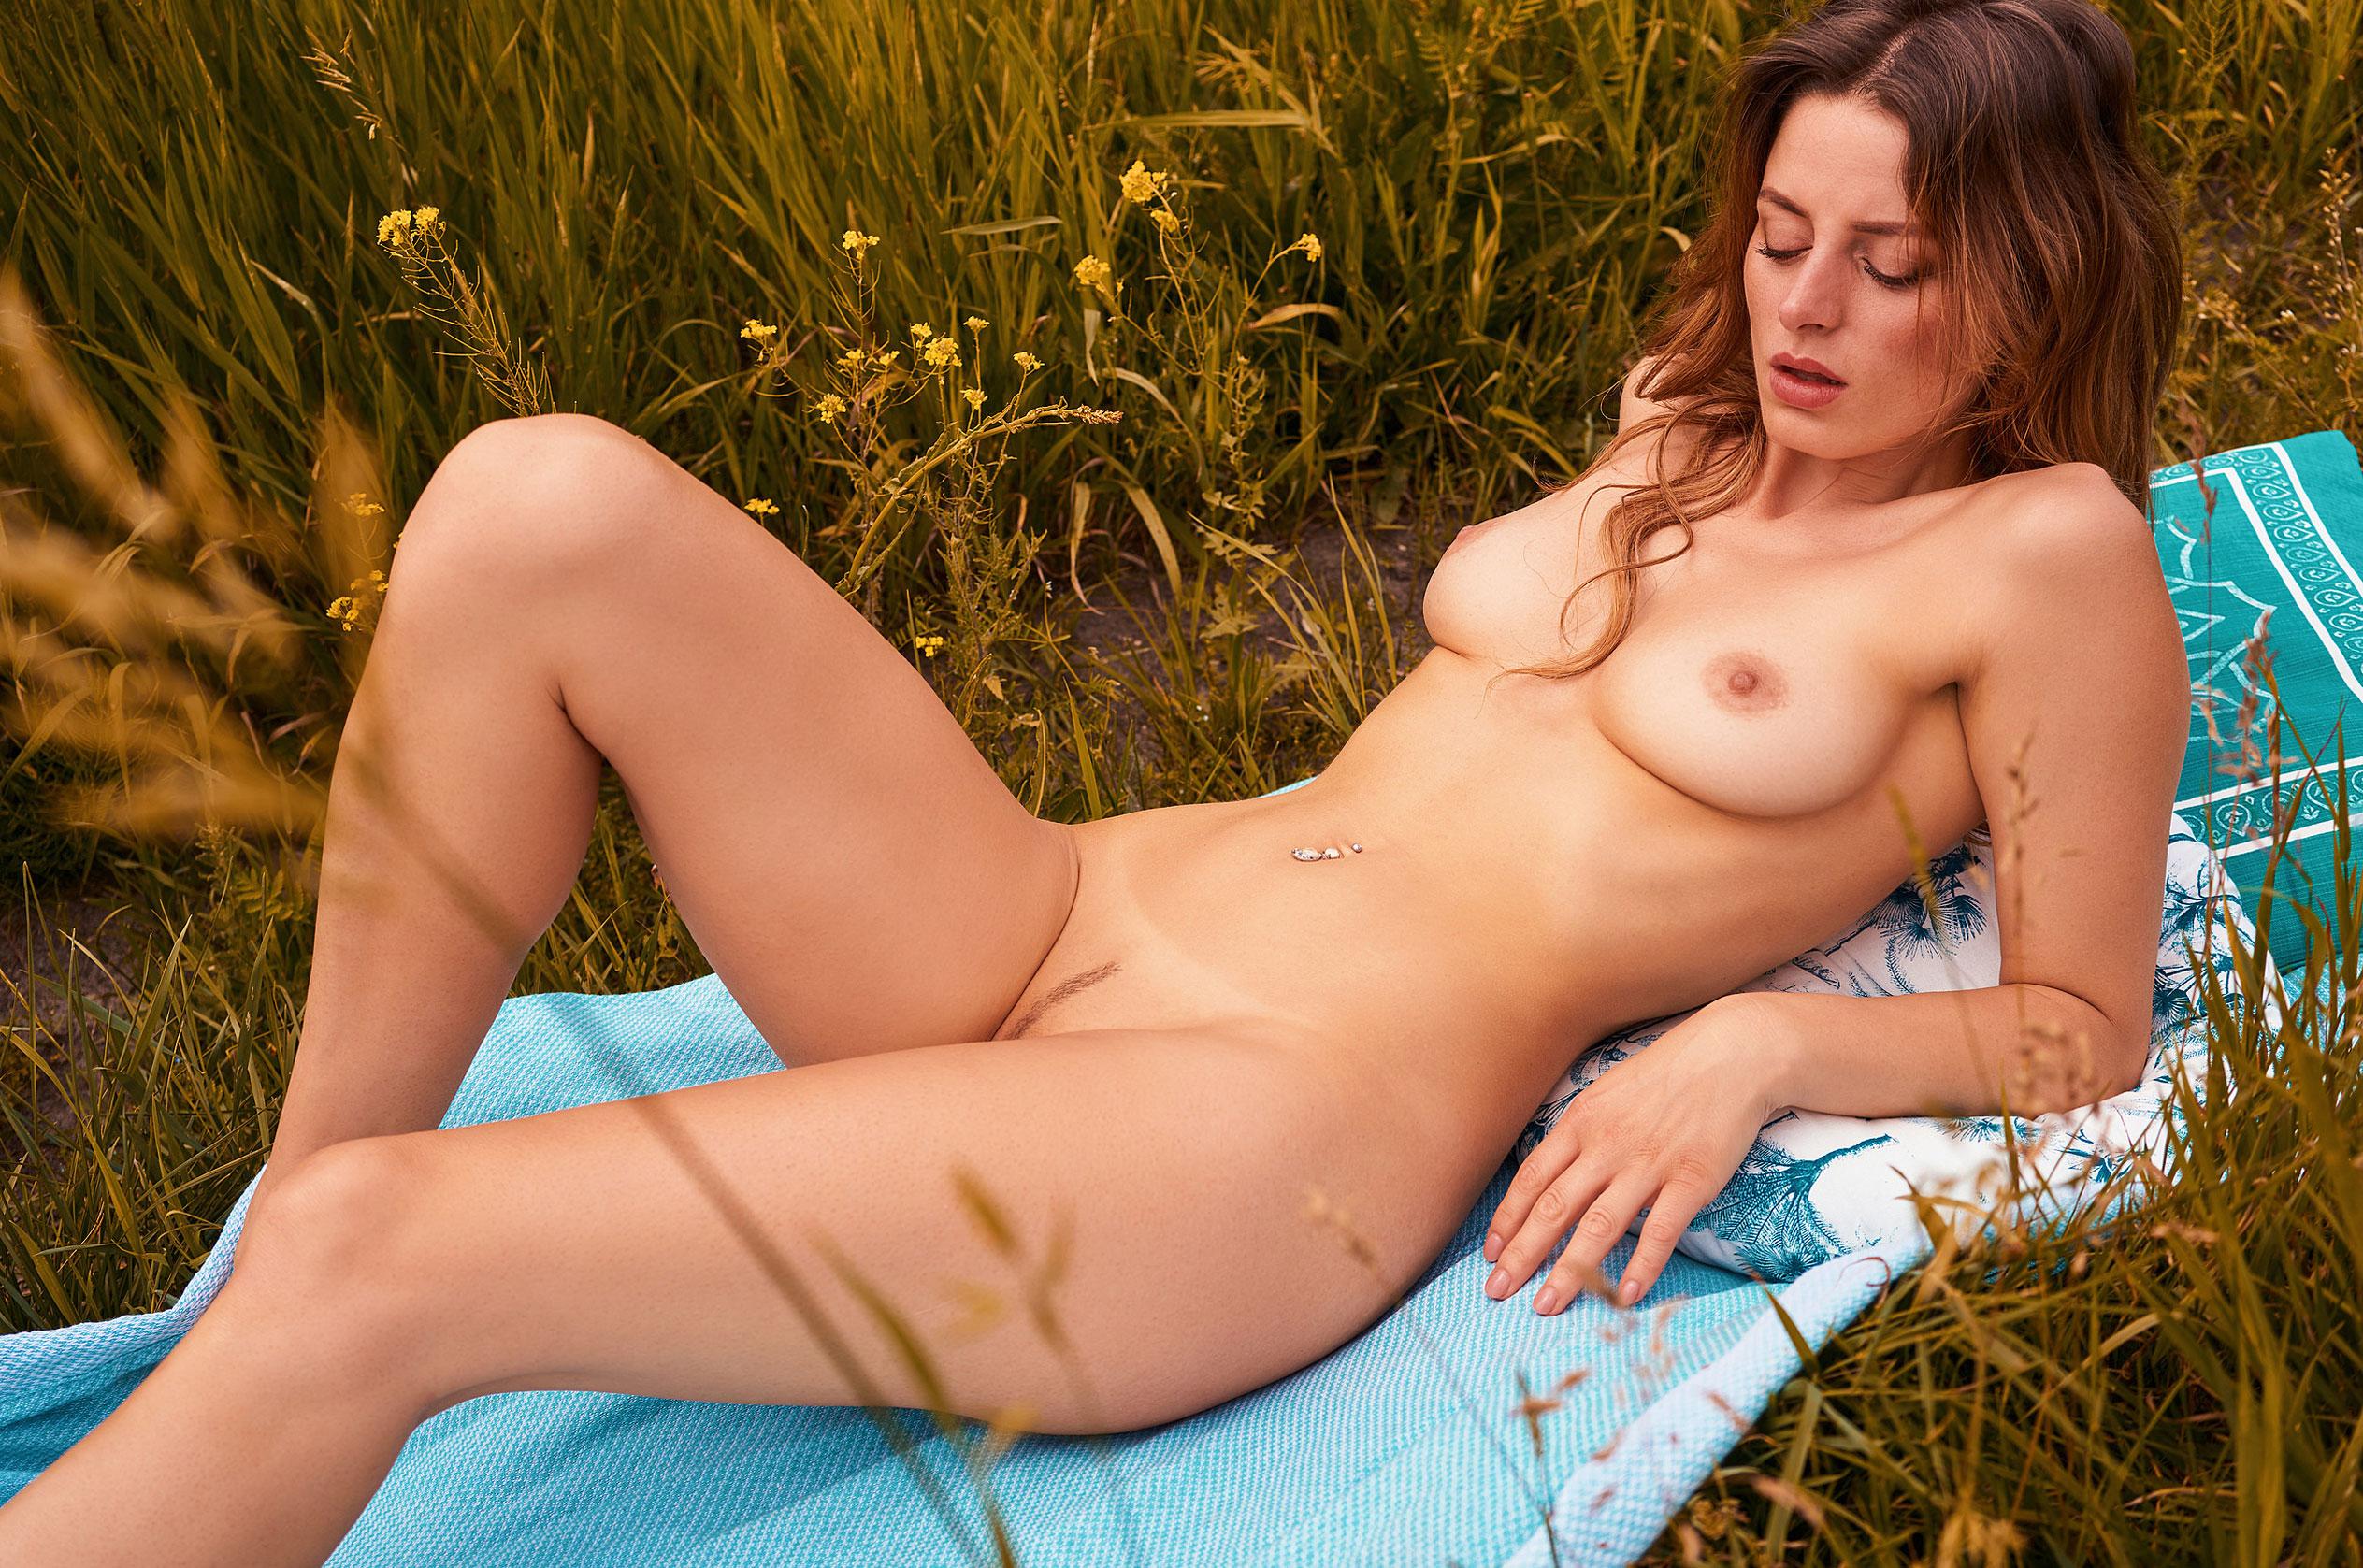 голая медсестра / Девушка месяца немецкого Playboy в июне 2020-го - Джини Валдхейм / фото 18